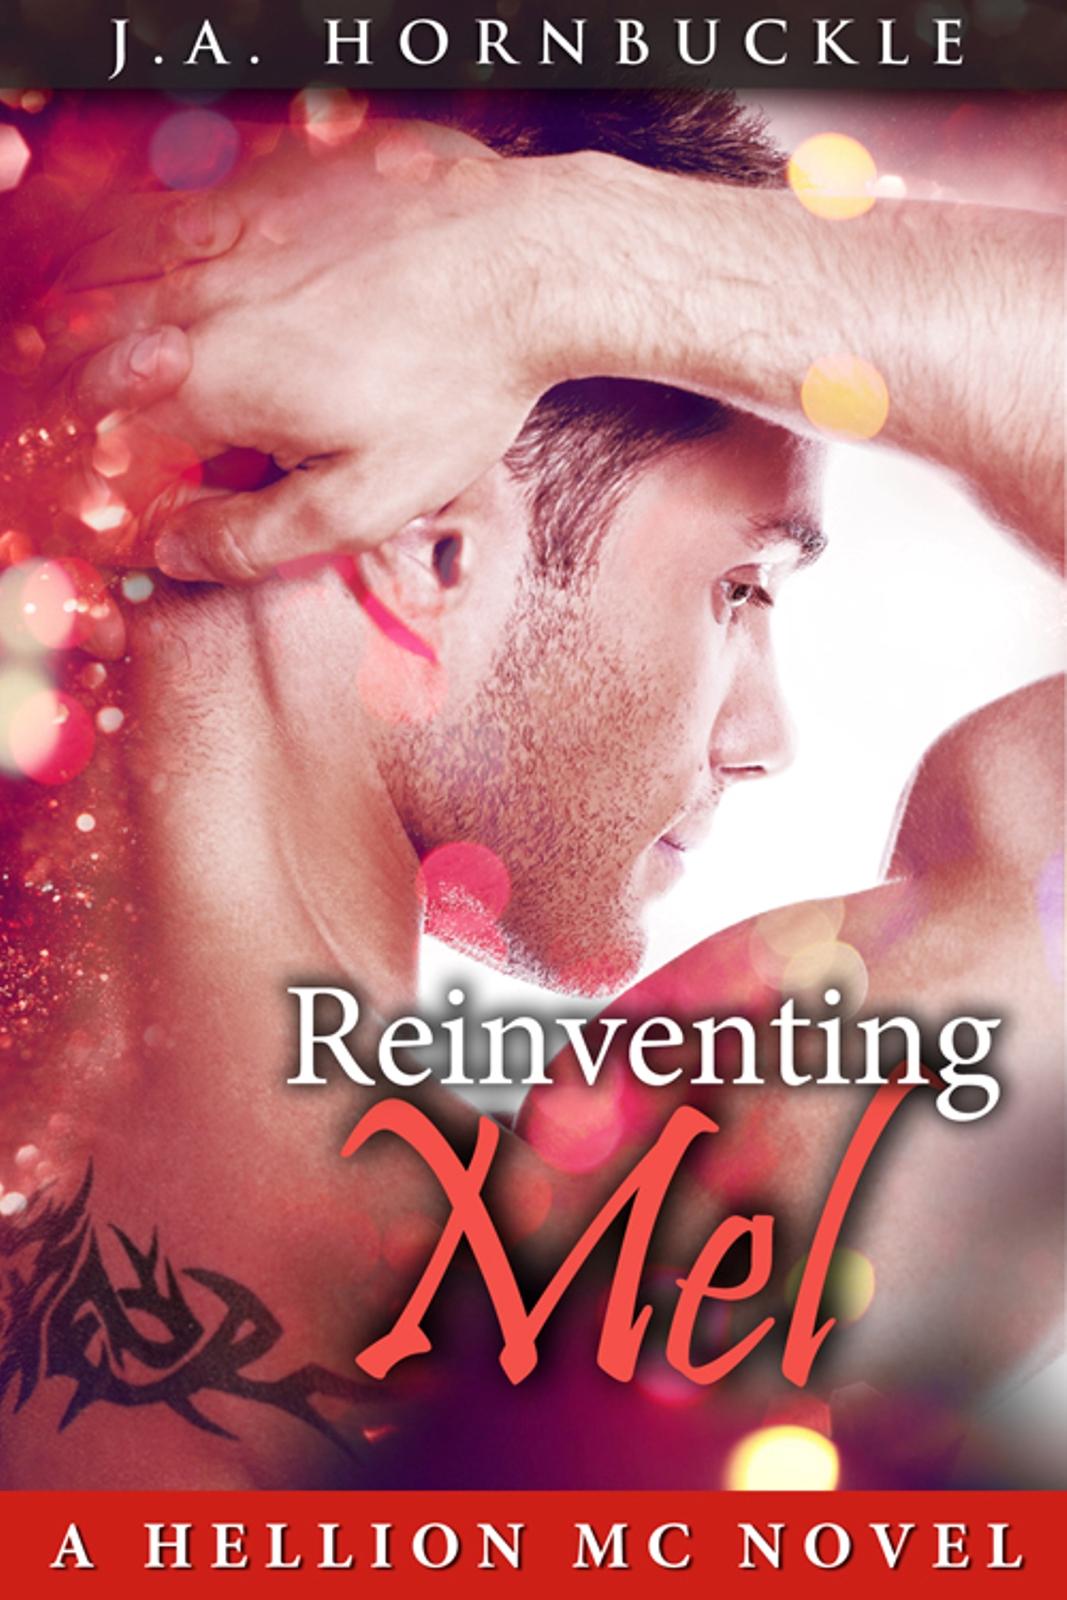 Reinventing-Mel Smashwords pic